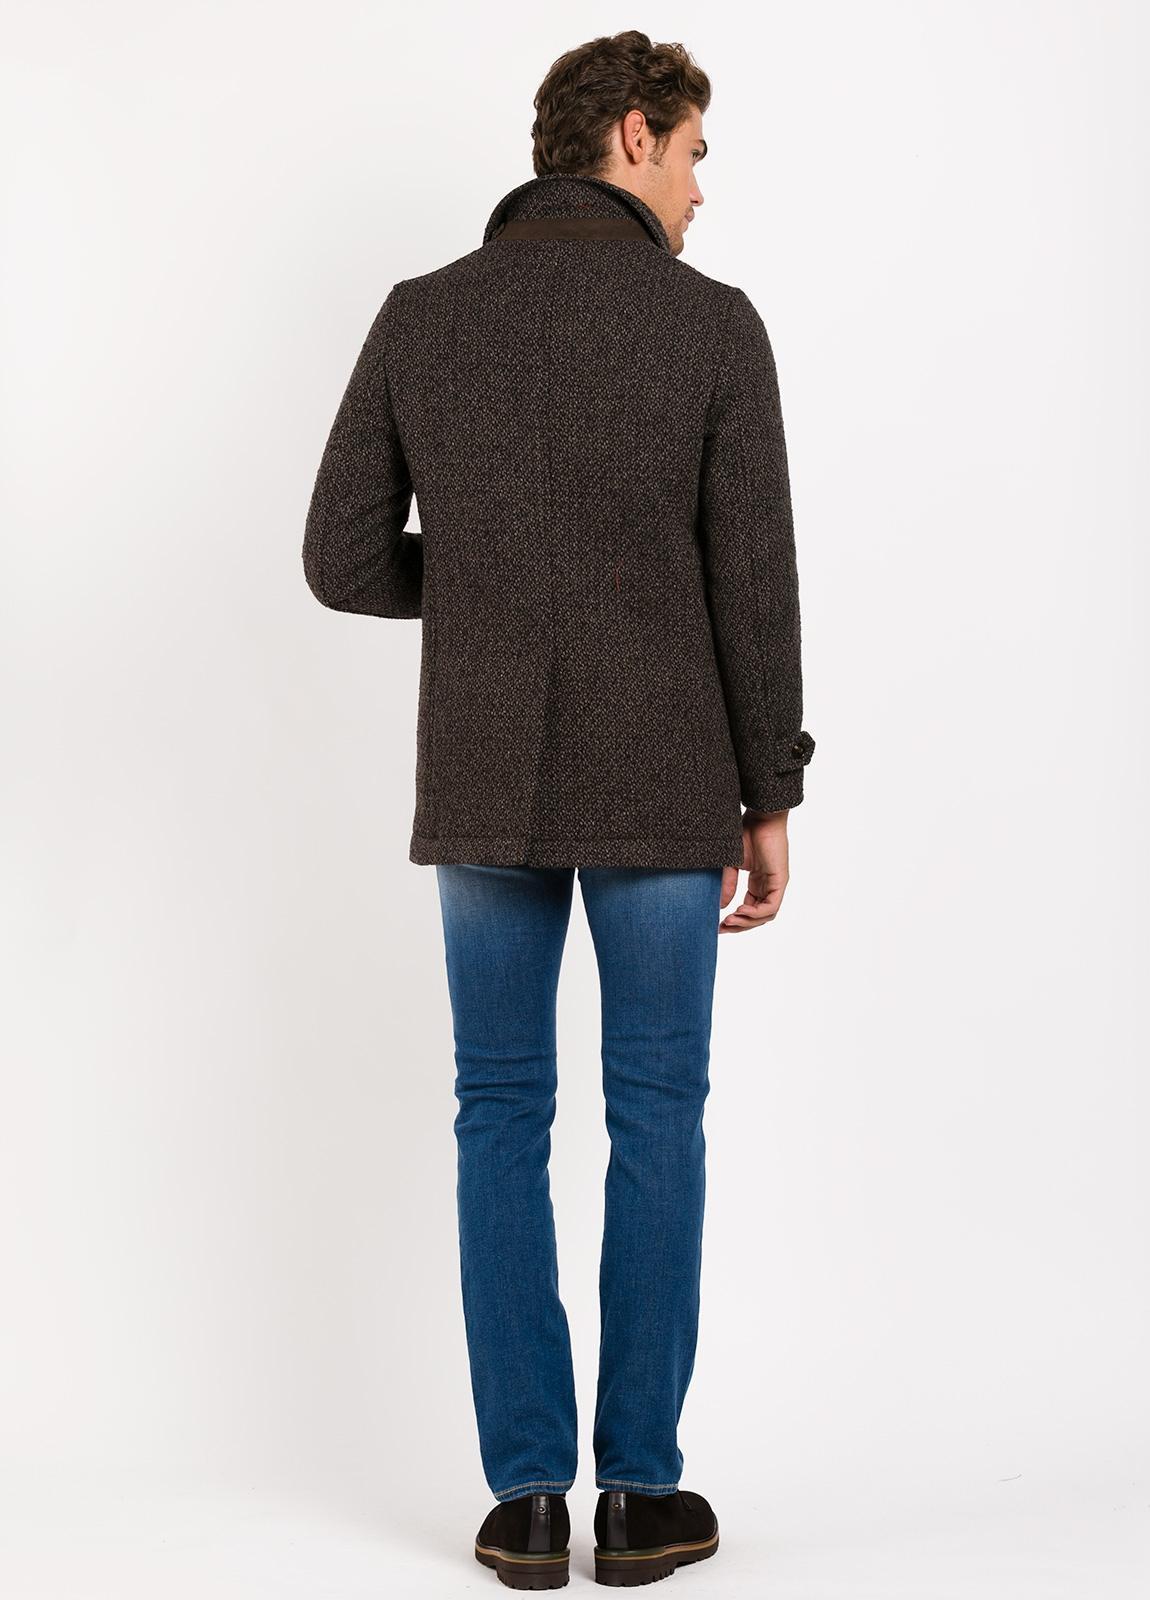 Abrigo corto con pecherin, color marrón jaspeado. 55% Lana, 24% PA, 14% Acri. 4% Pol, 3% Alpaca. - Ítem3